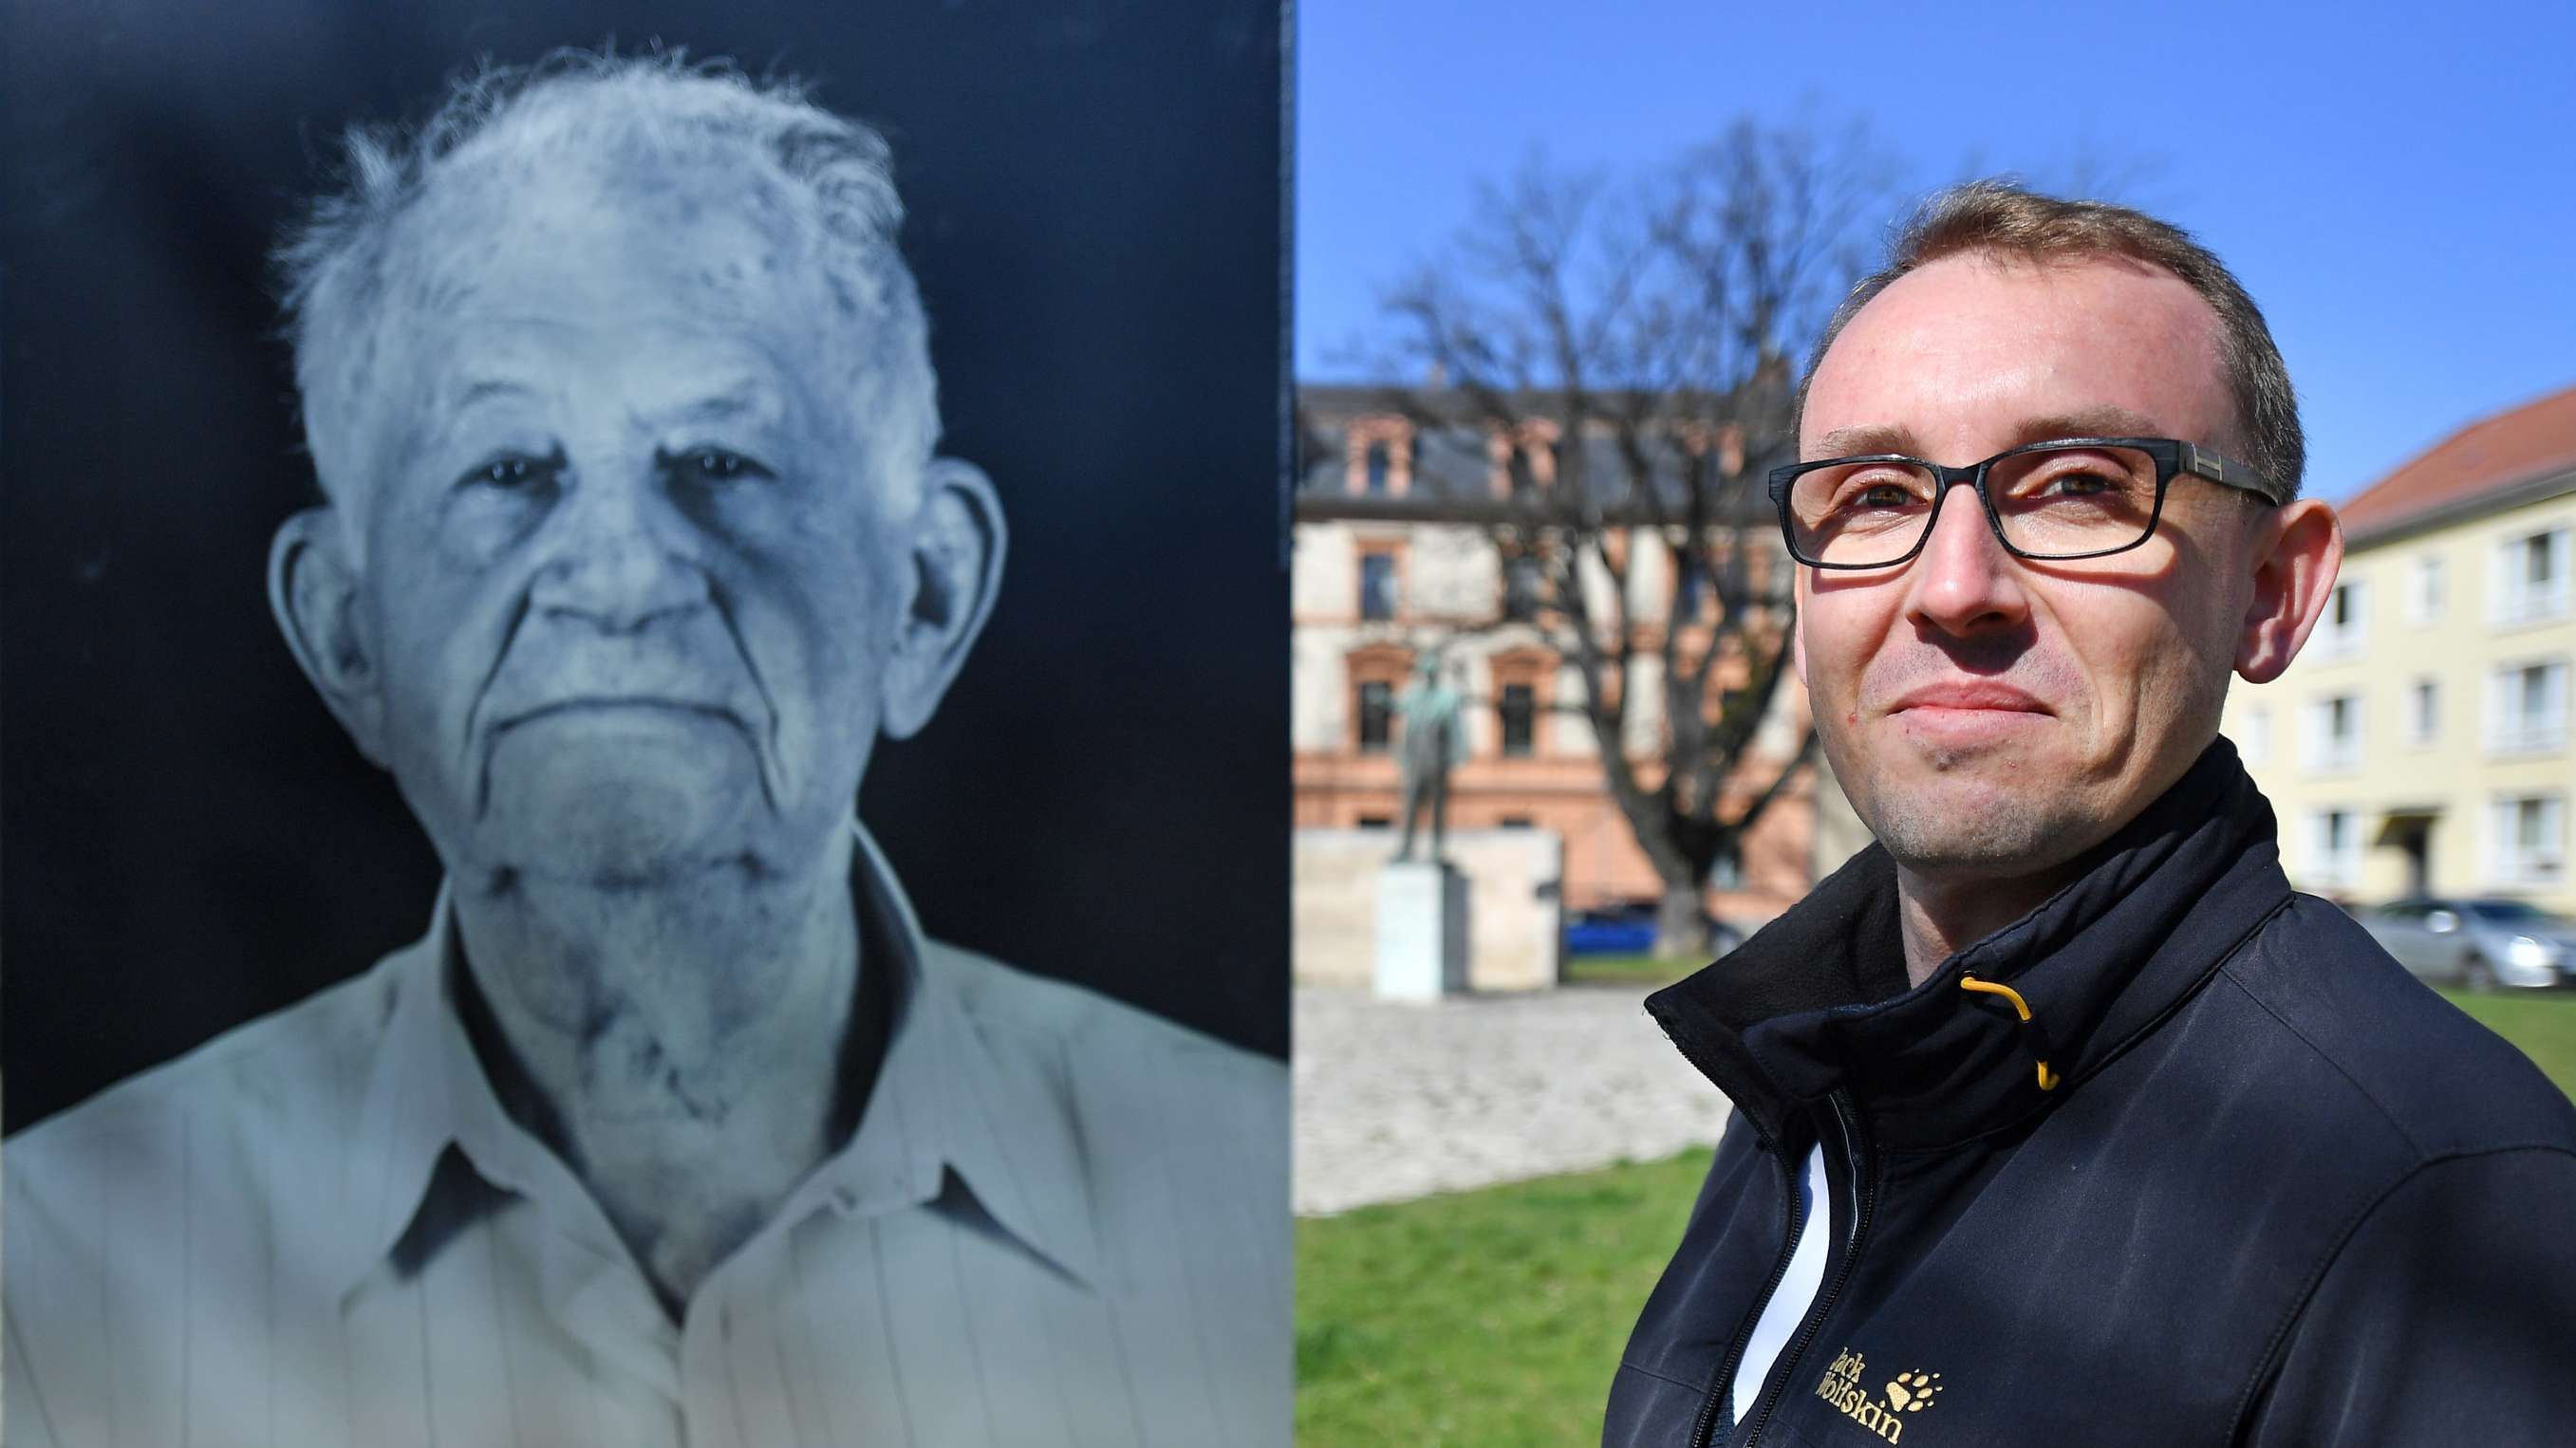 Fotograf Thomas Müller neben einem seiner Fotos.